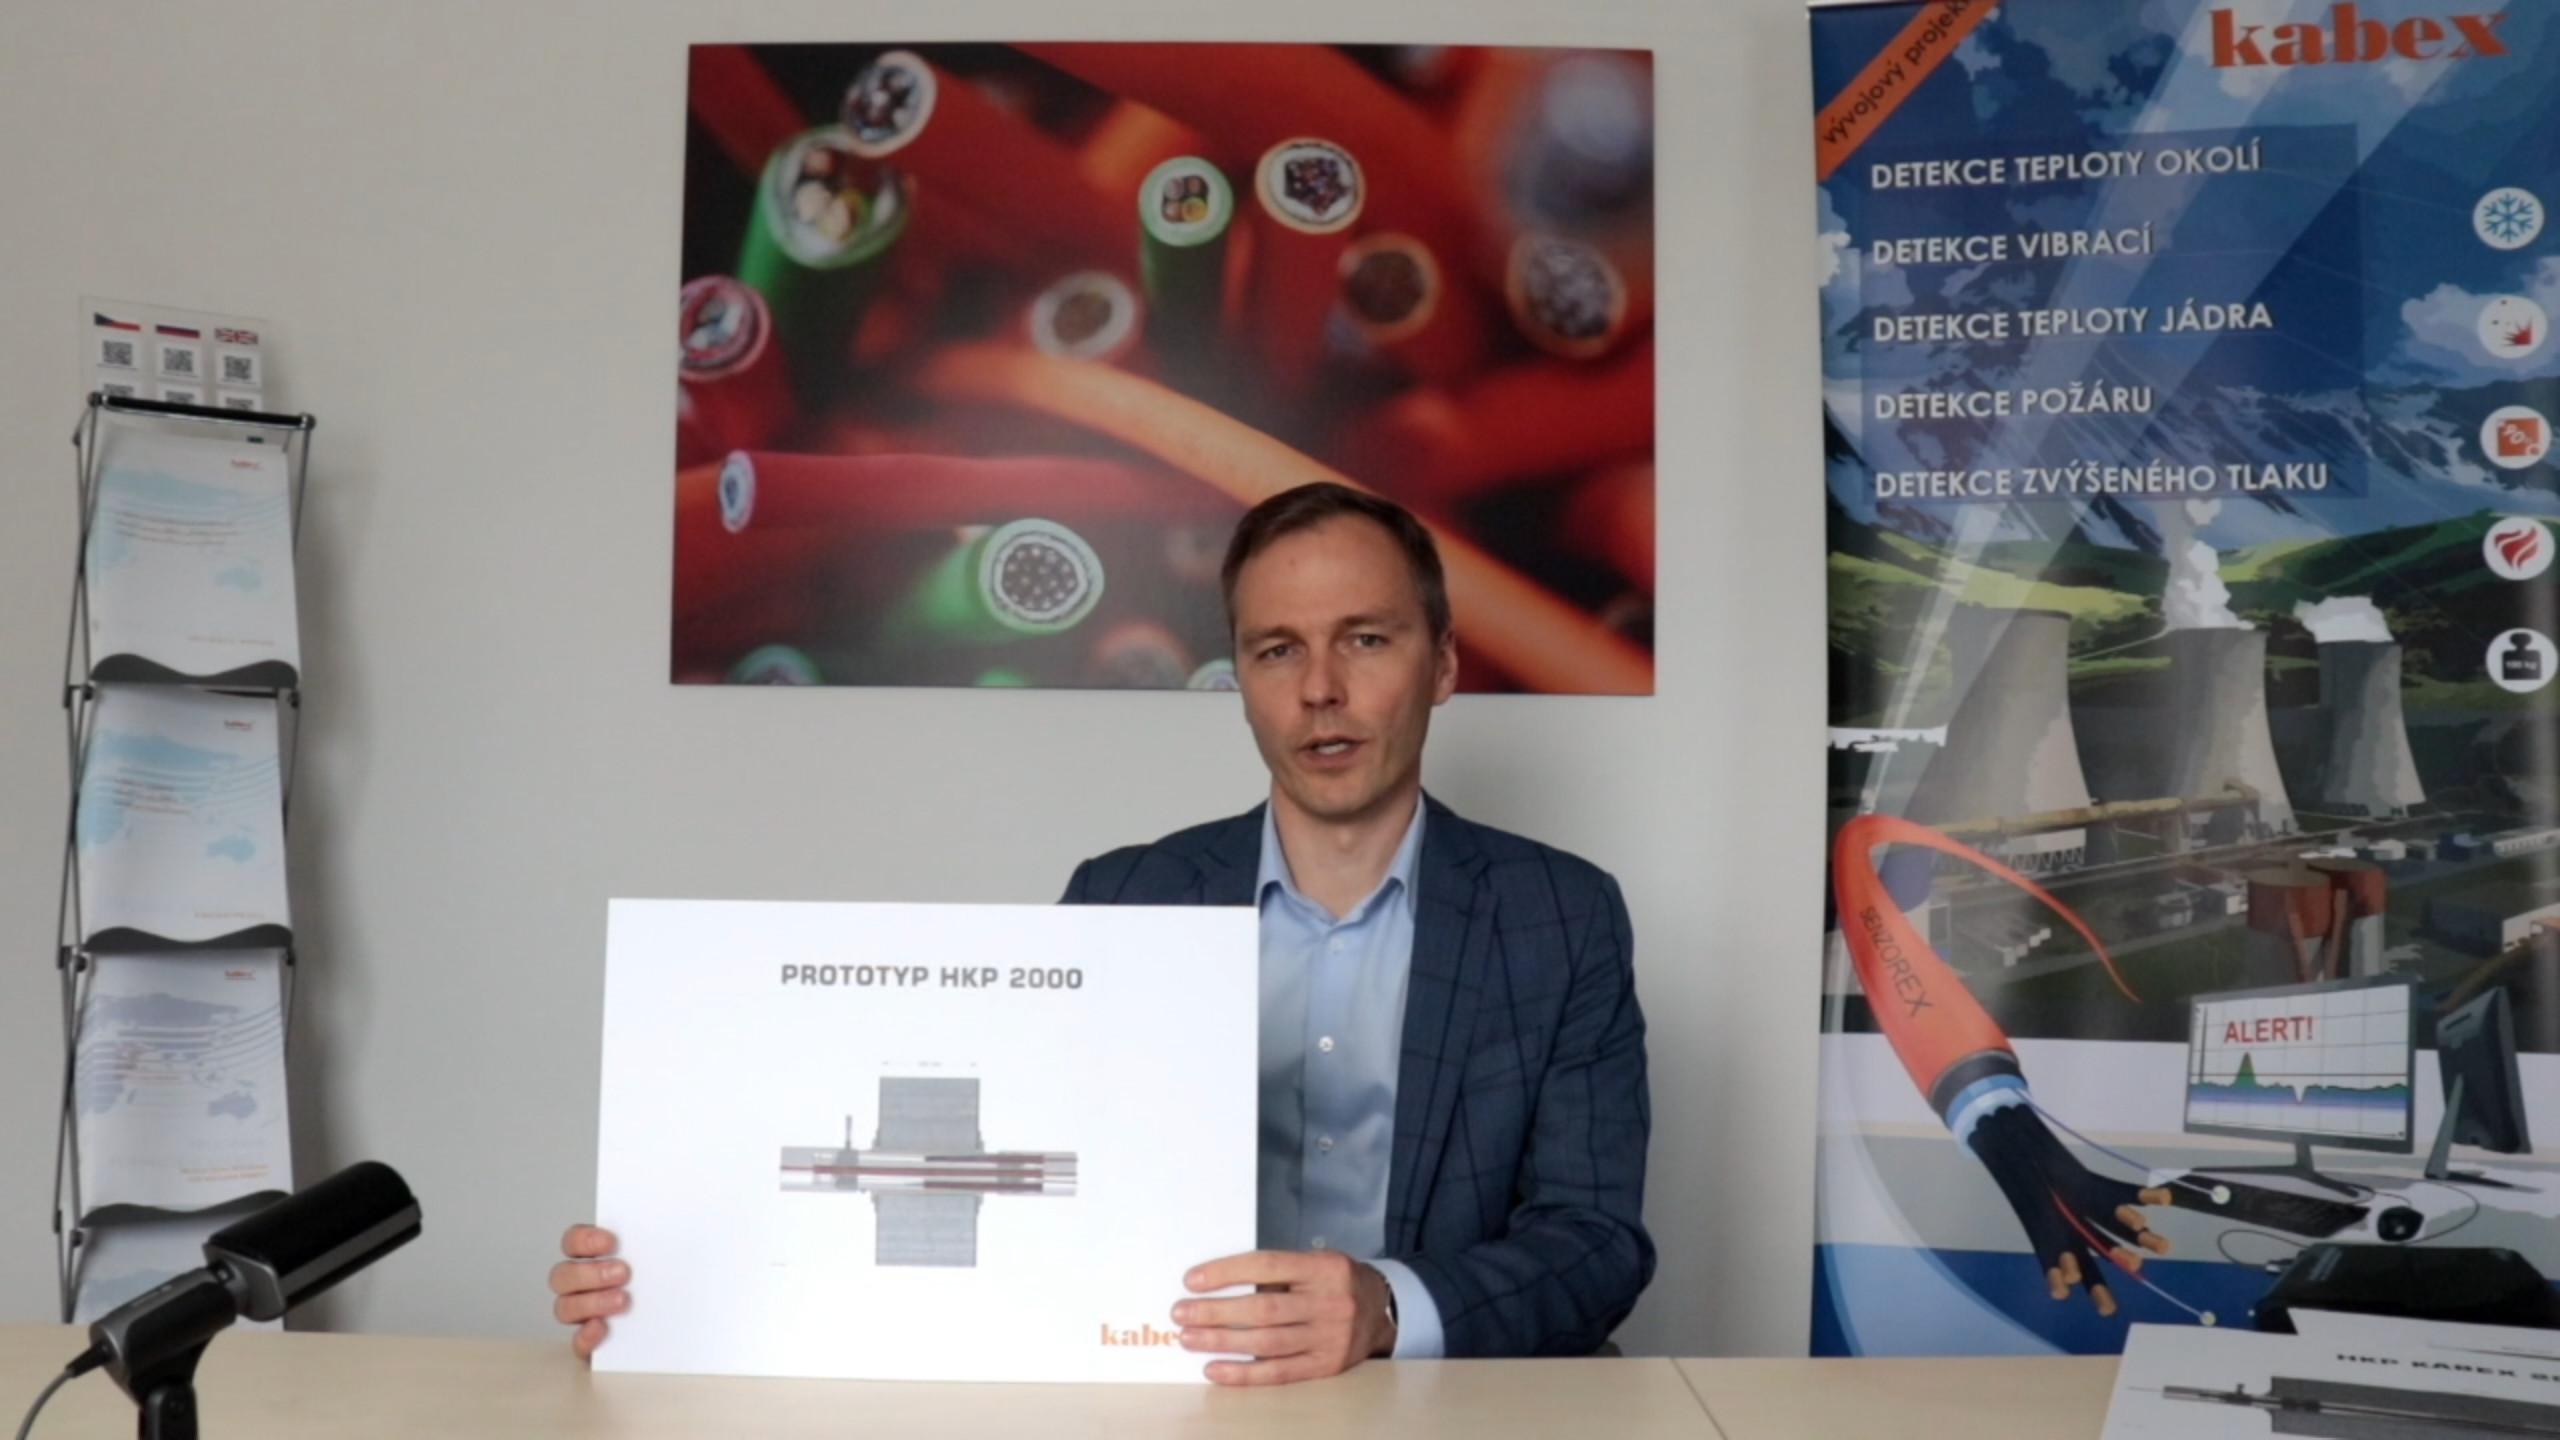 jaderná energie - 65 let: Anton Slobodin – Kabelovna Kabex naskočila do jaderného průmyslu krátce po svém vzniku - V Česku (slobodin) 2